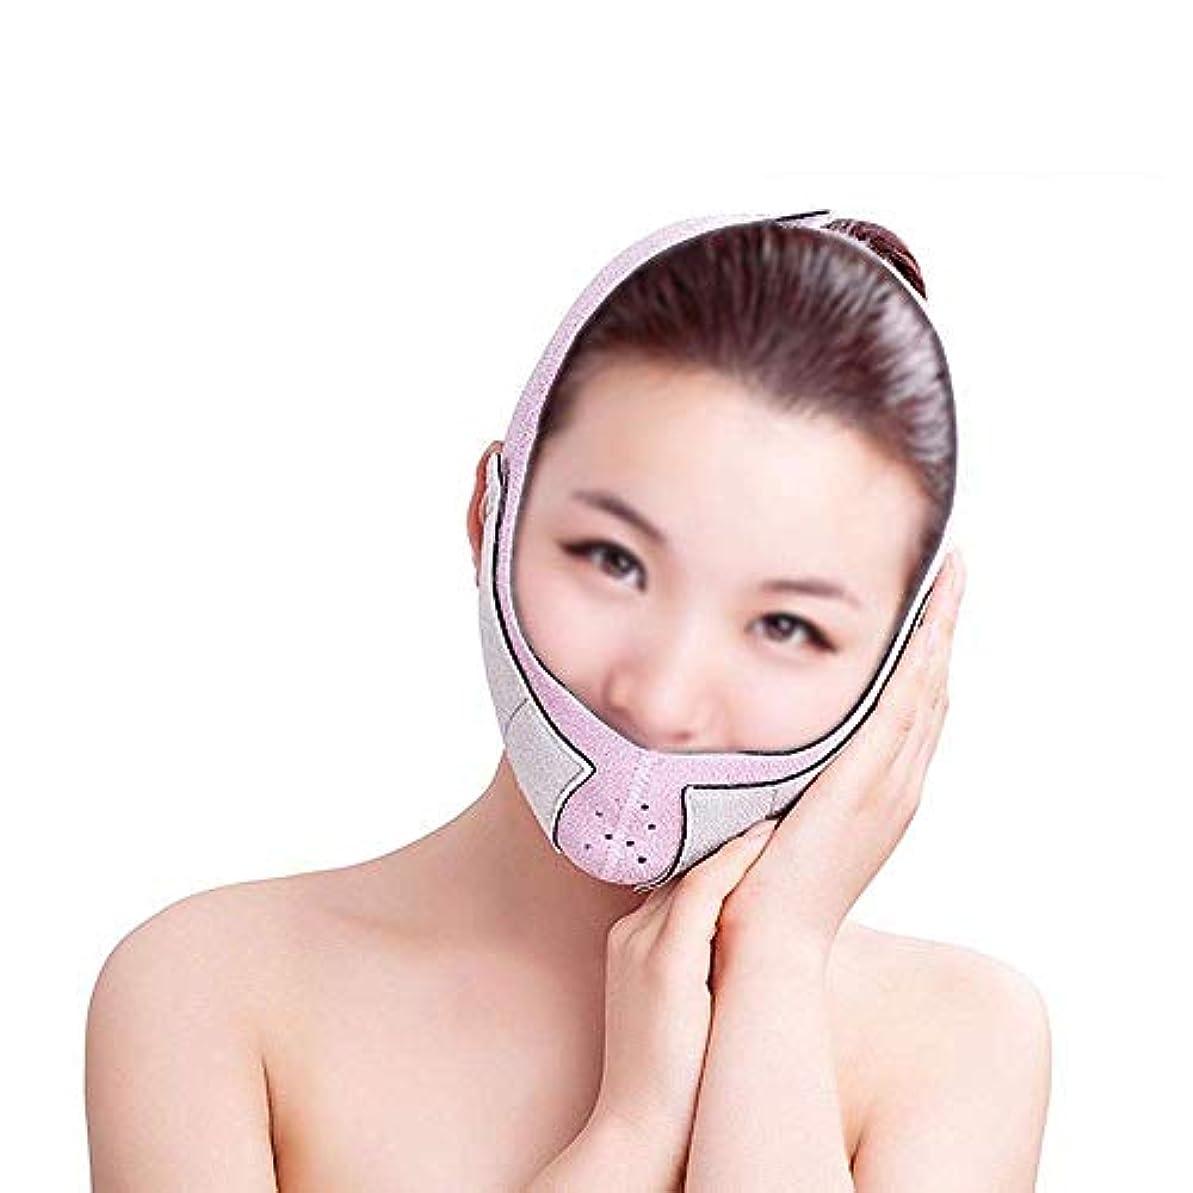 ヒューム偶然の考えたフェイスリフトマスク、スリミングベルト薄いフェイスマスク強力なリフティング小さなV顔薄い顔包帯美容顔リフティングデバイス